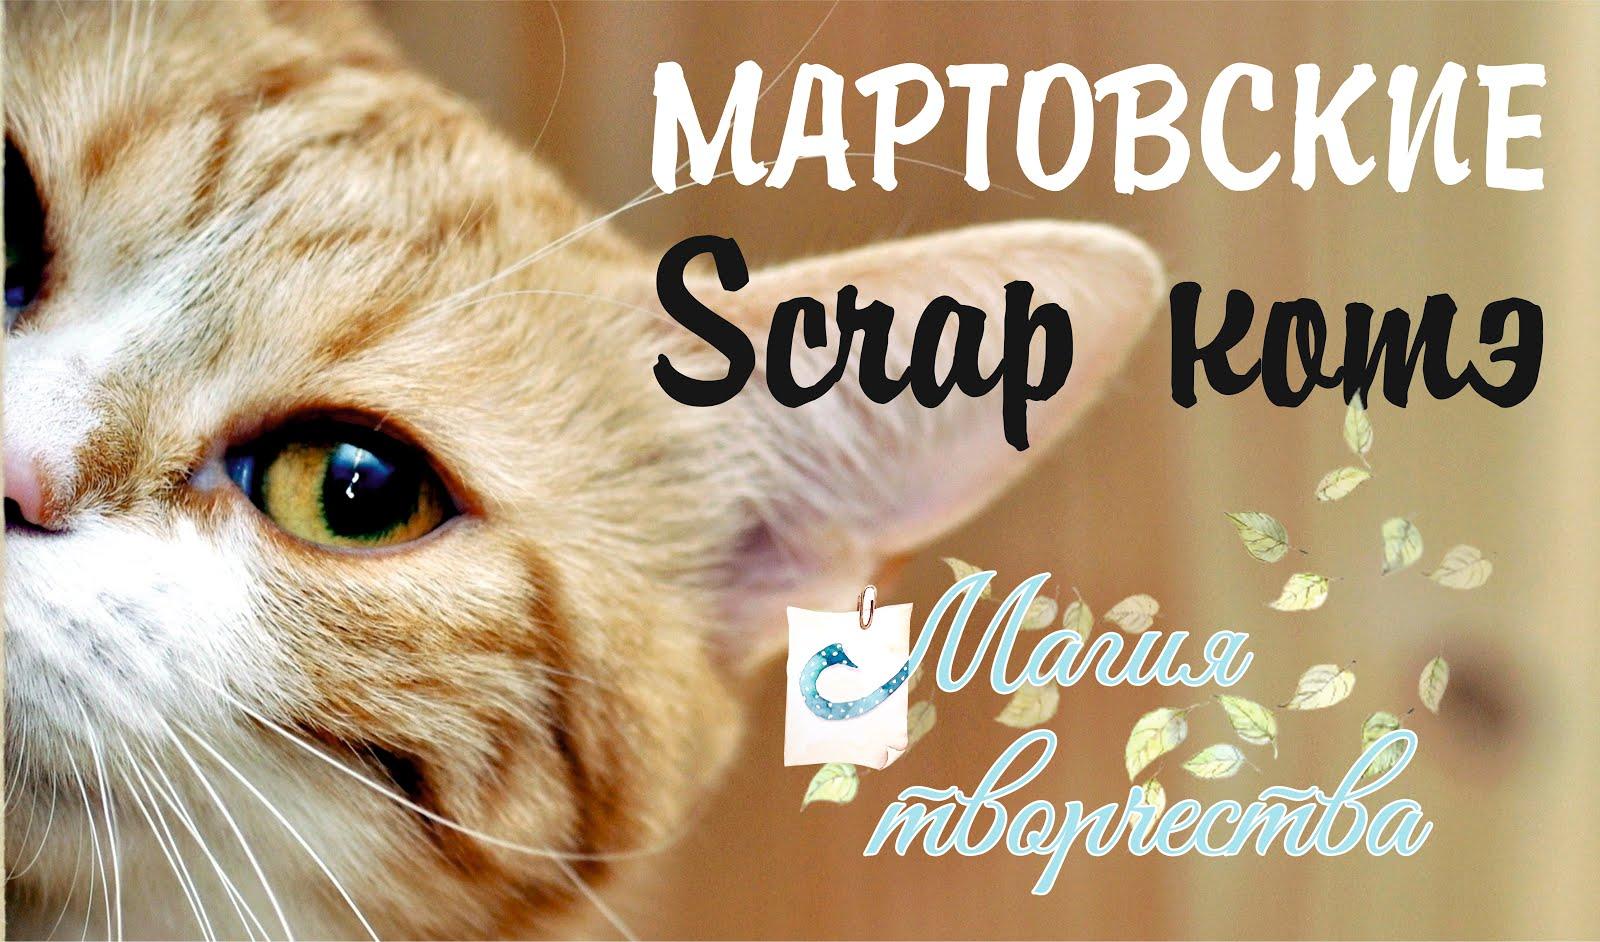 Мартовские Scrap котэ